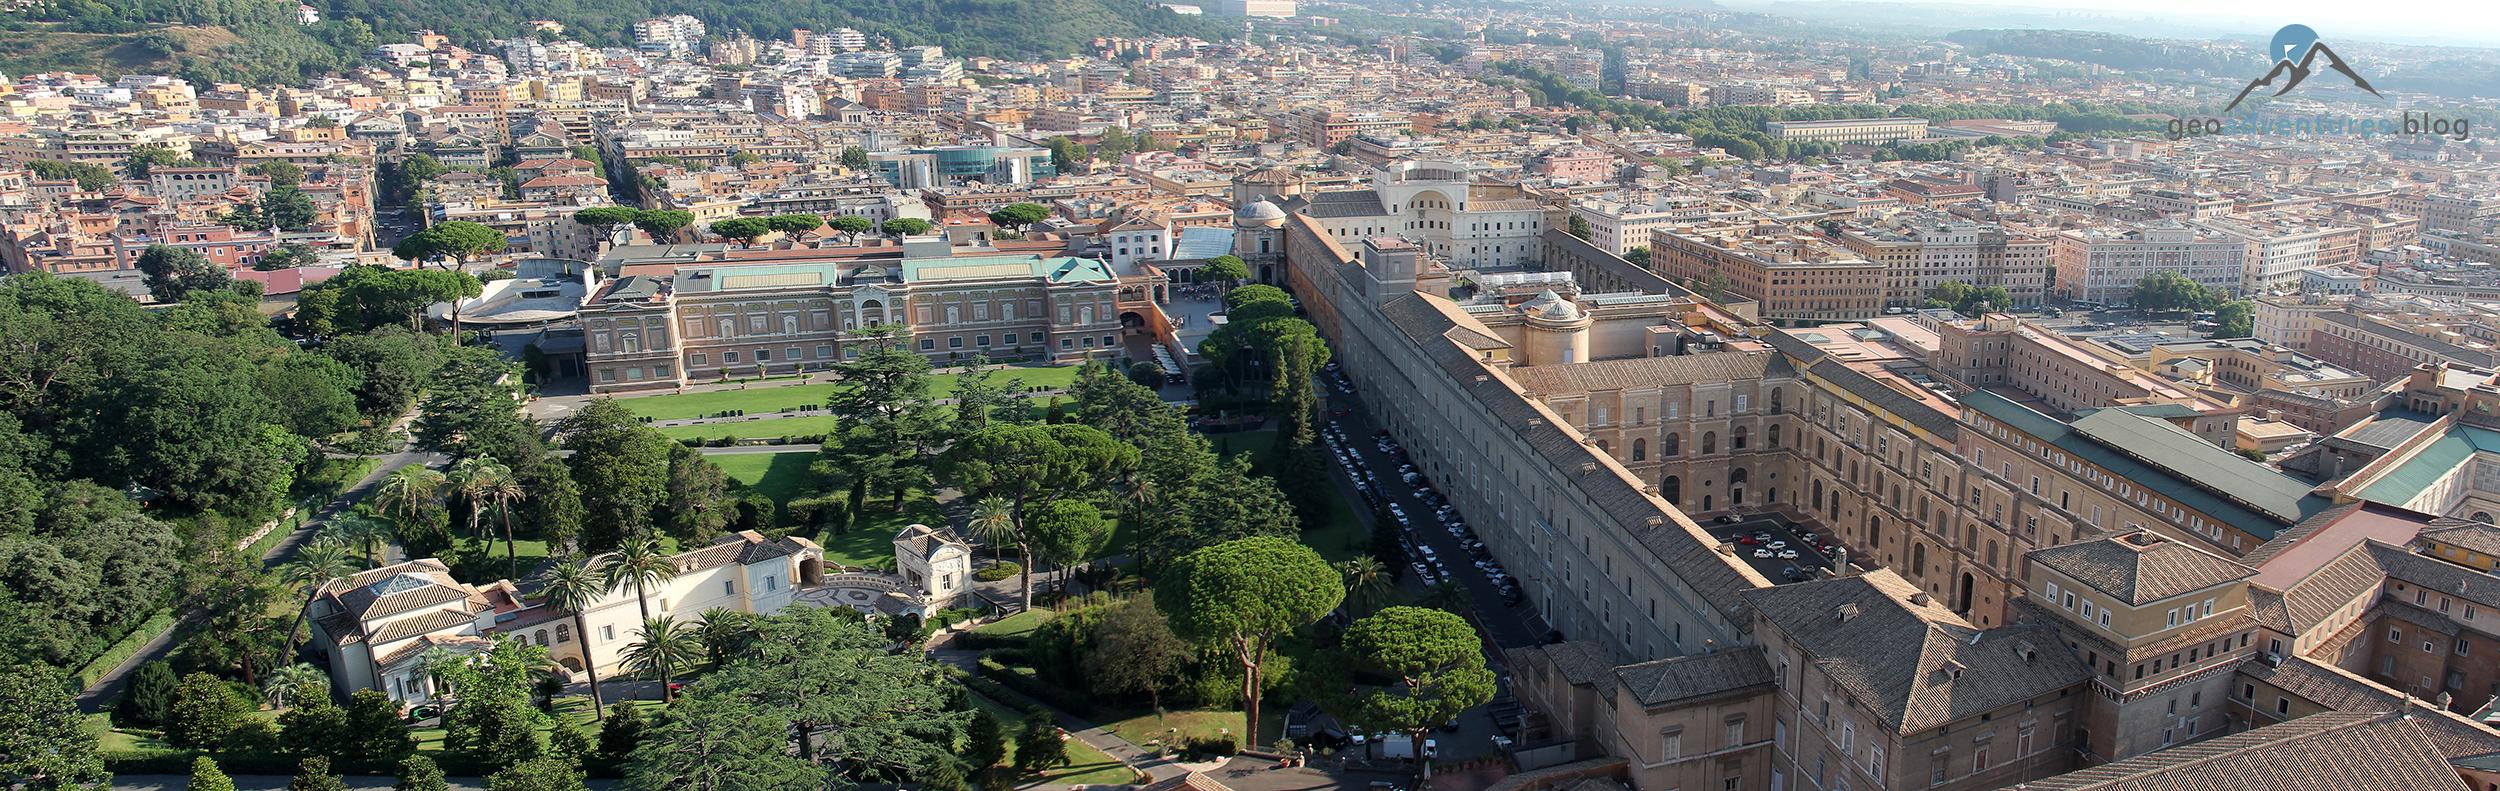 Vatikan Panorama